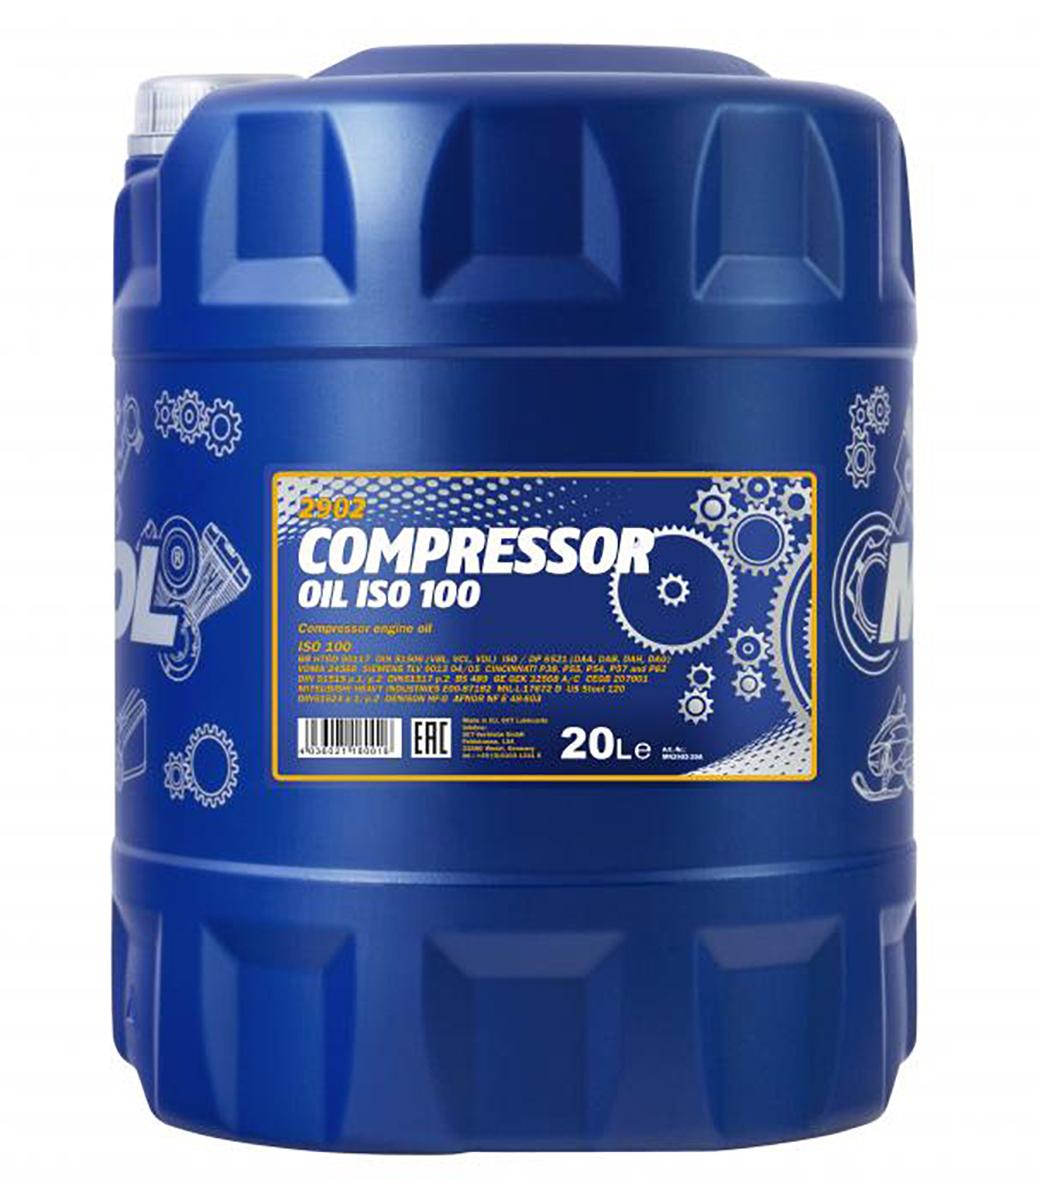 Compressor Oil ISO 100